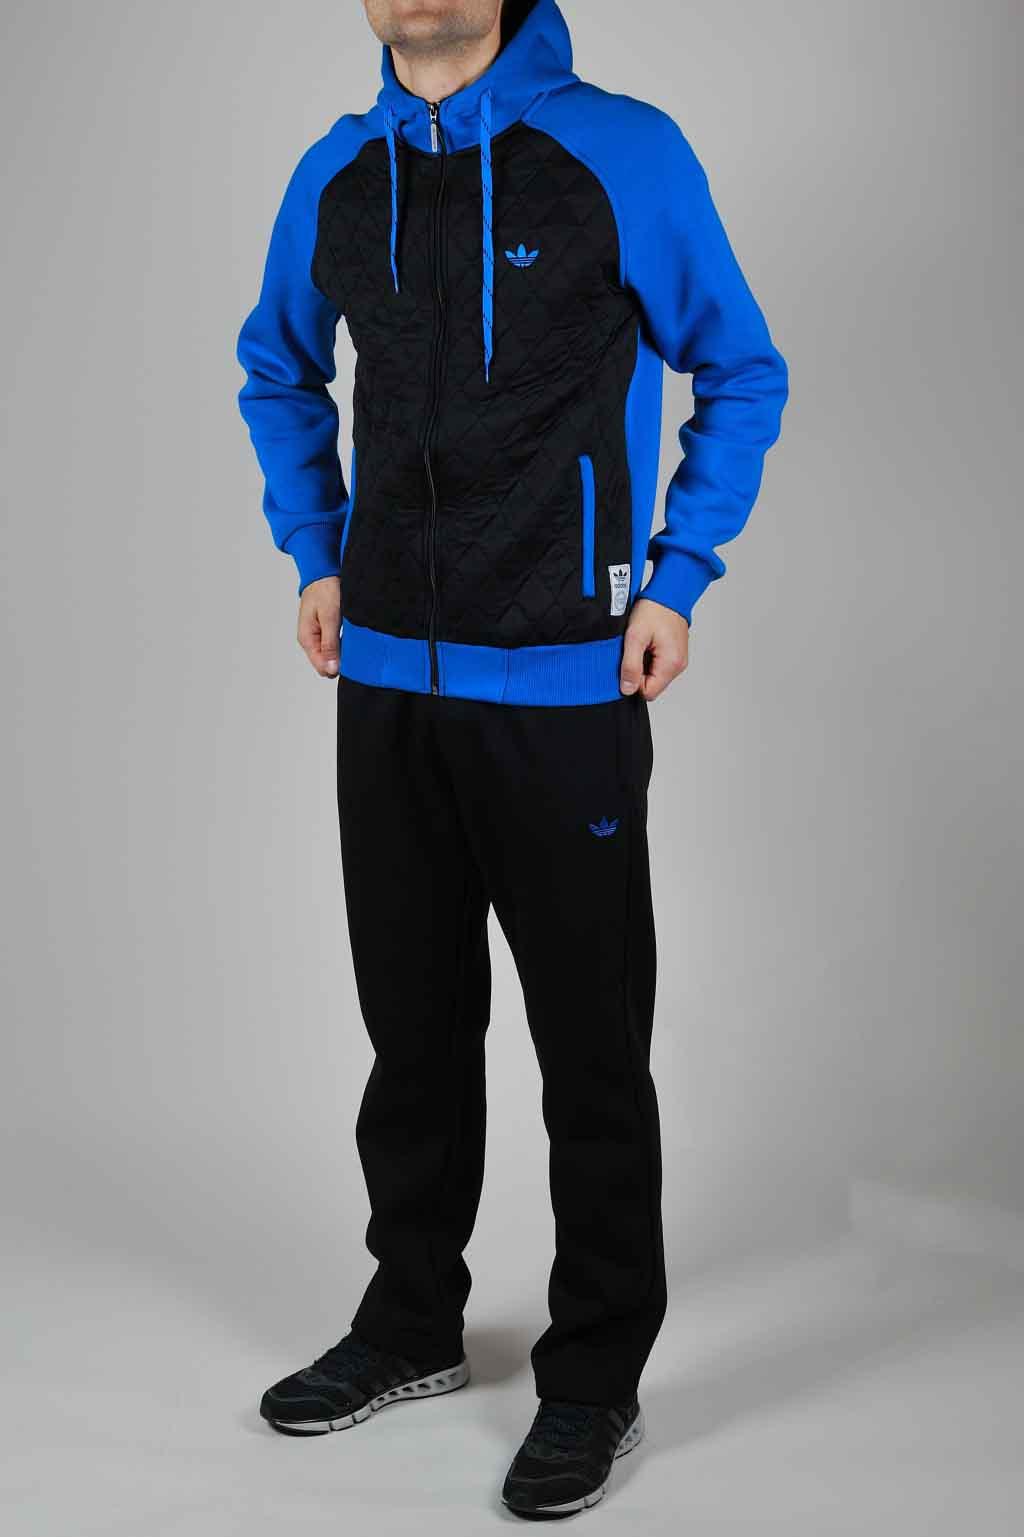 7071ff3bf8b6fa Adidas Original - Мужская одежда Объявления в Украине на BESPLATKA ...